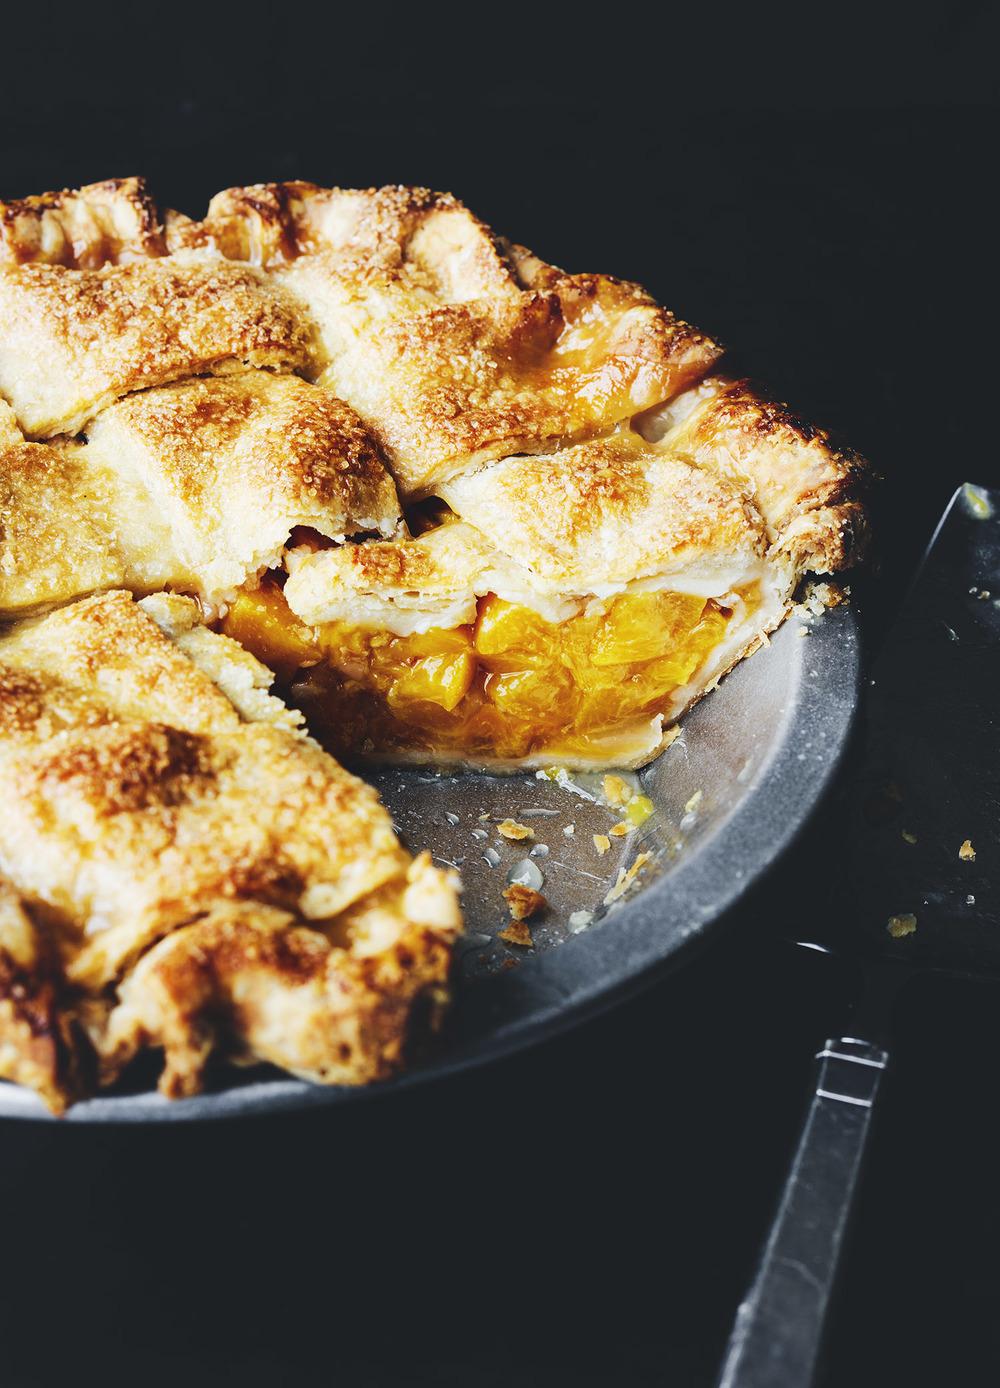 Pie_Peach_7_final.jpg